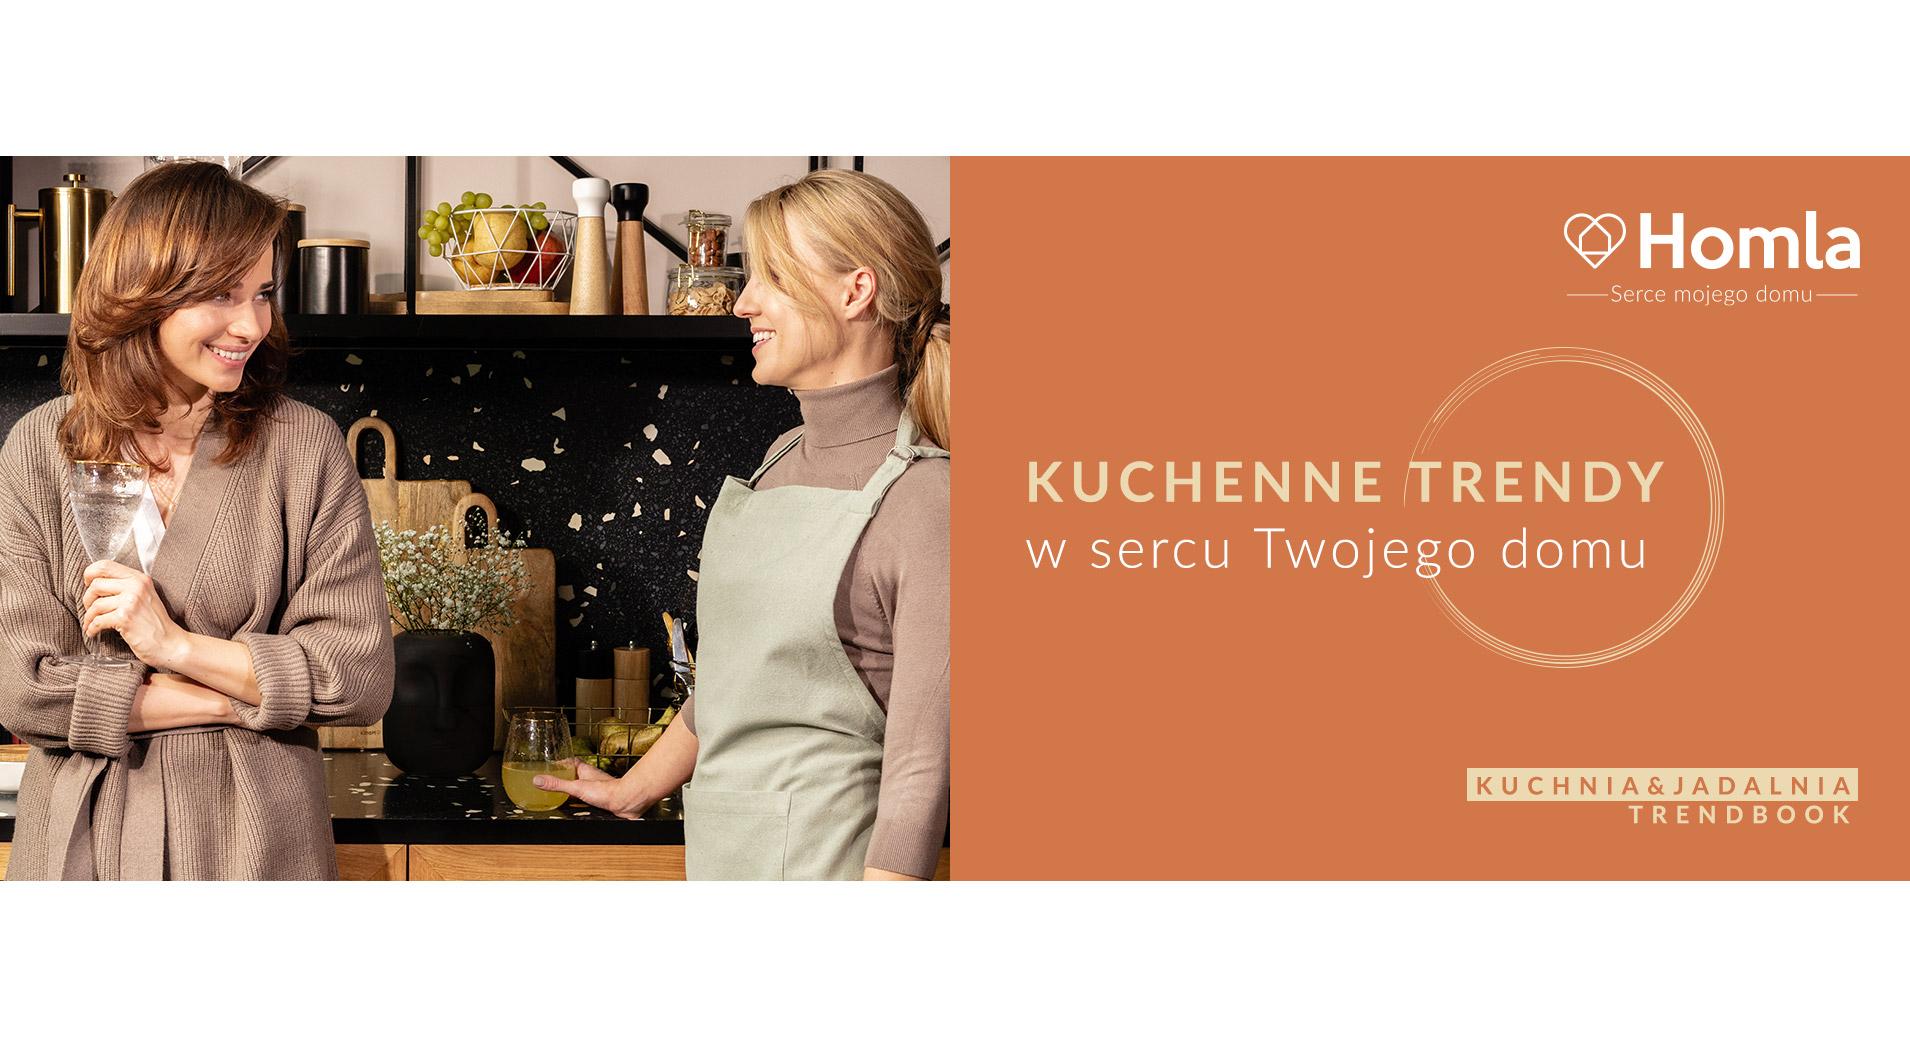 Trendbook Kuchnia 1